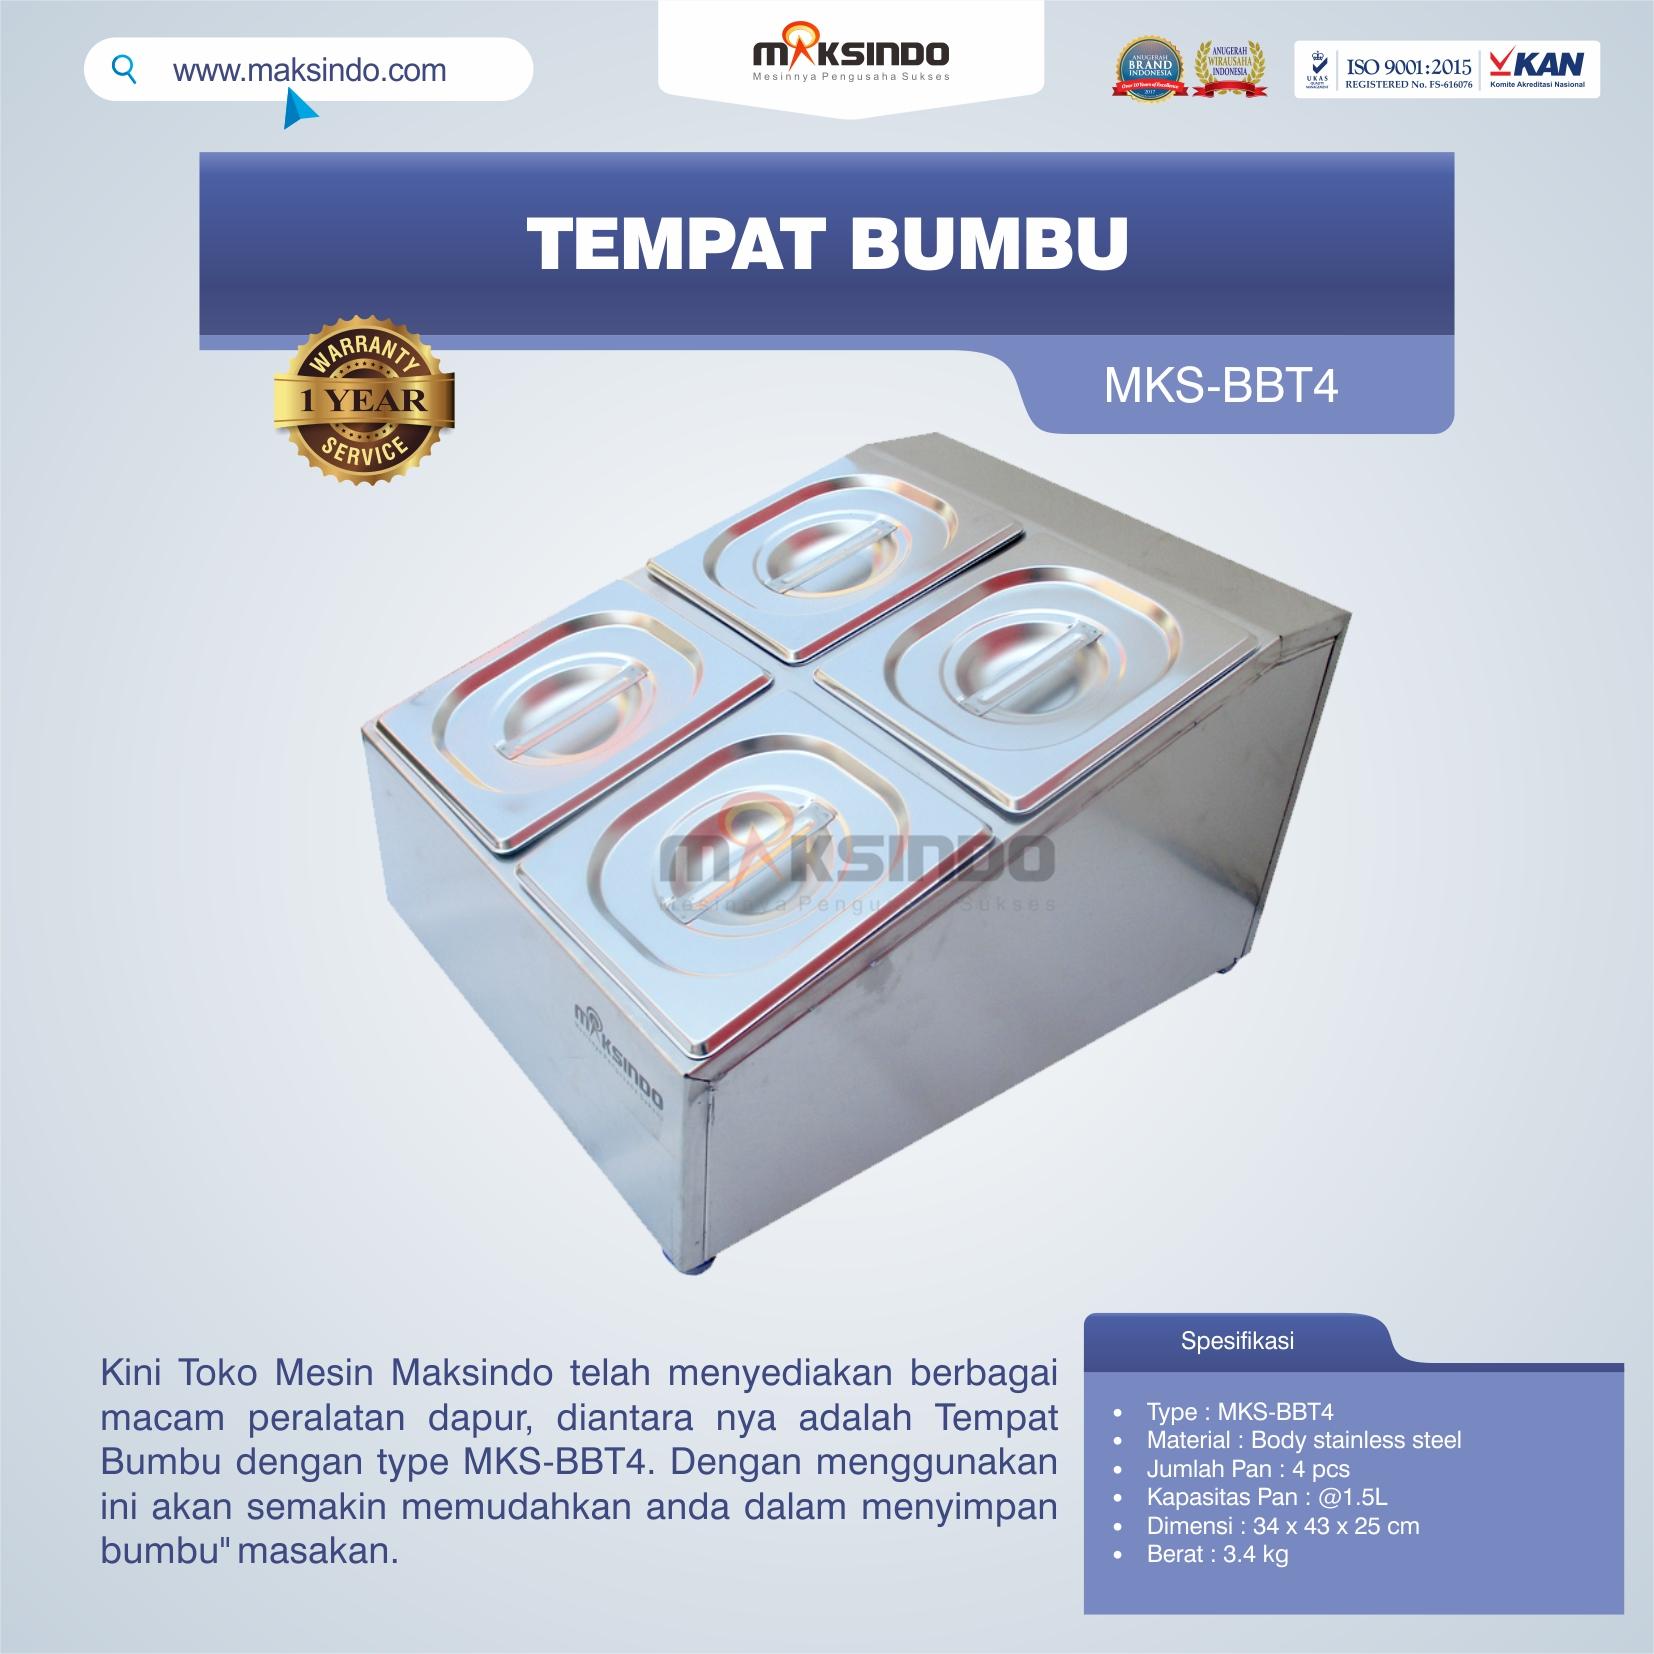 Jual Tempat Bumbu MKS-BBT4 di Pekanbaru